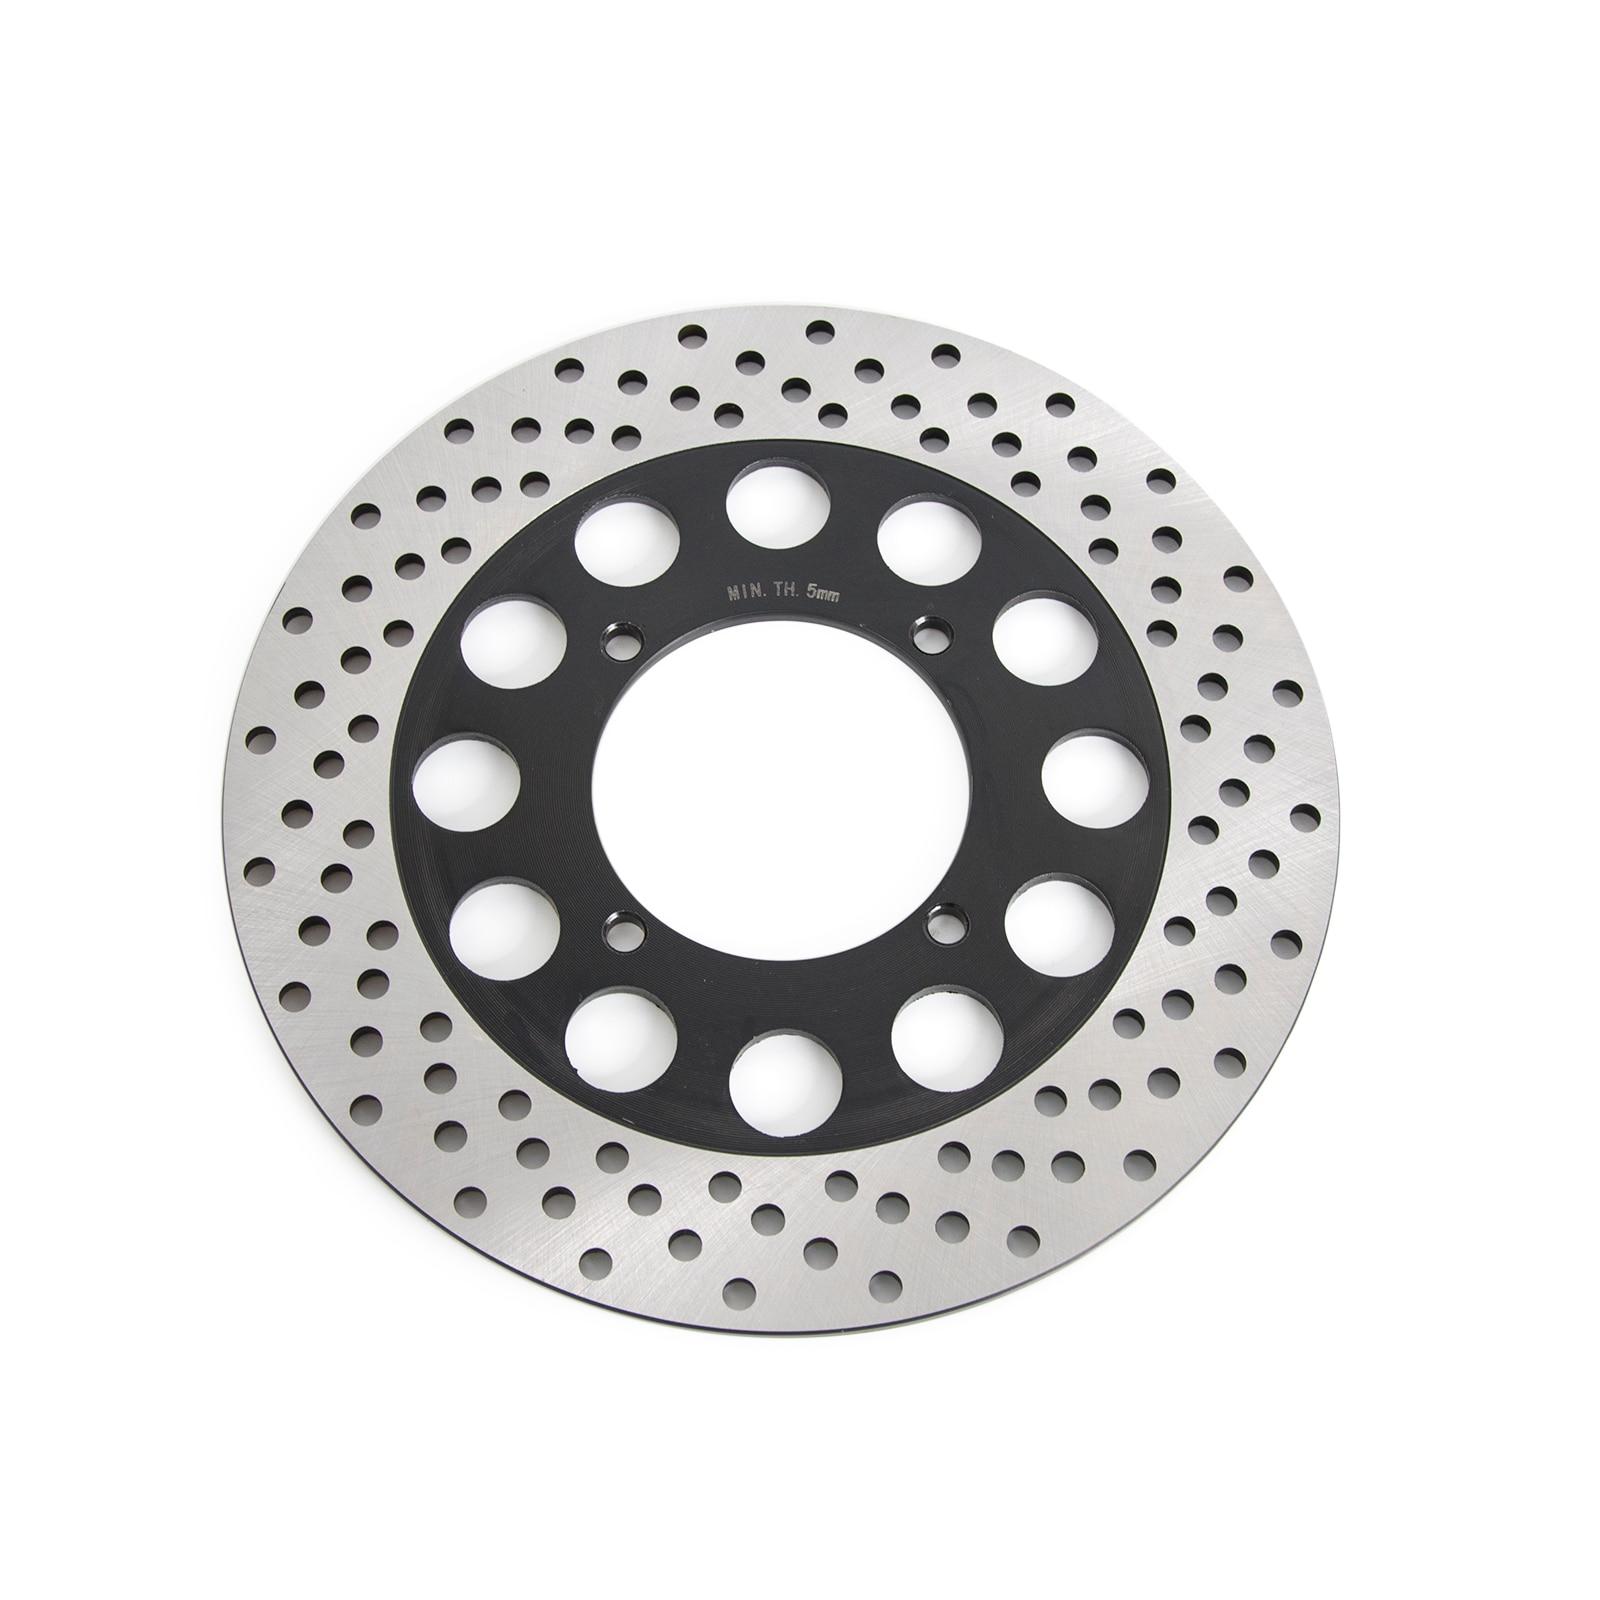 Moto frein arrière disque Rotor en acier convient pour Suzuki GSF250 GSX250 GSF400 Bandit GSX400 GS500 GSX600 GSX750